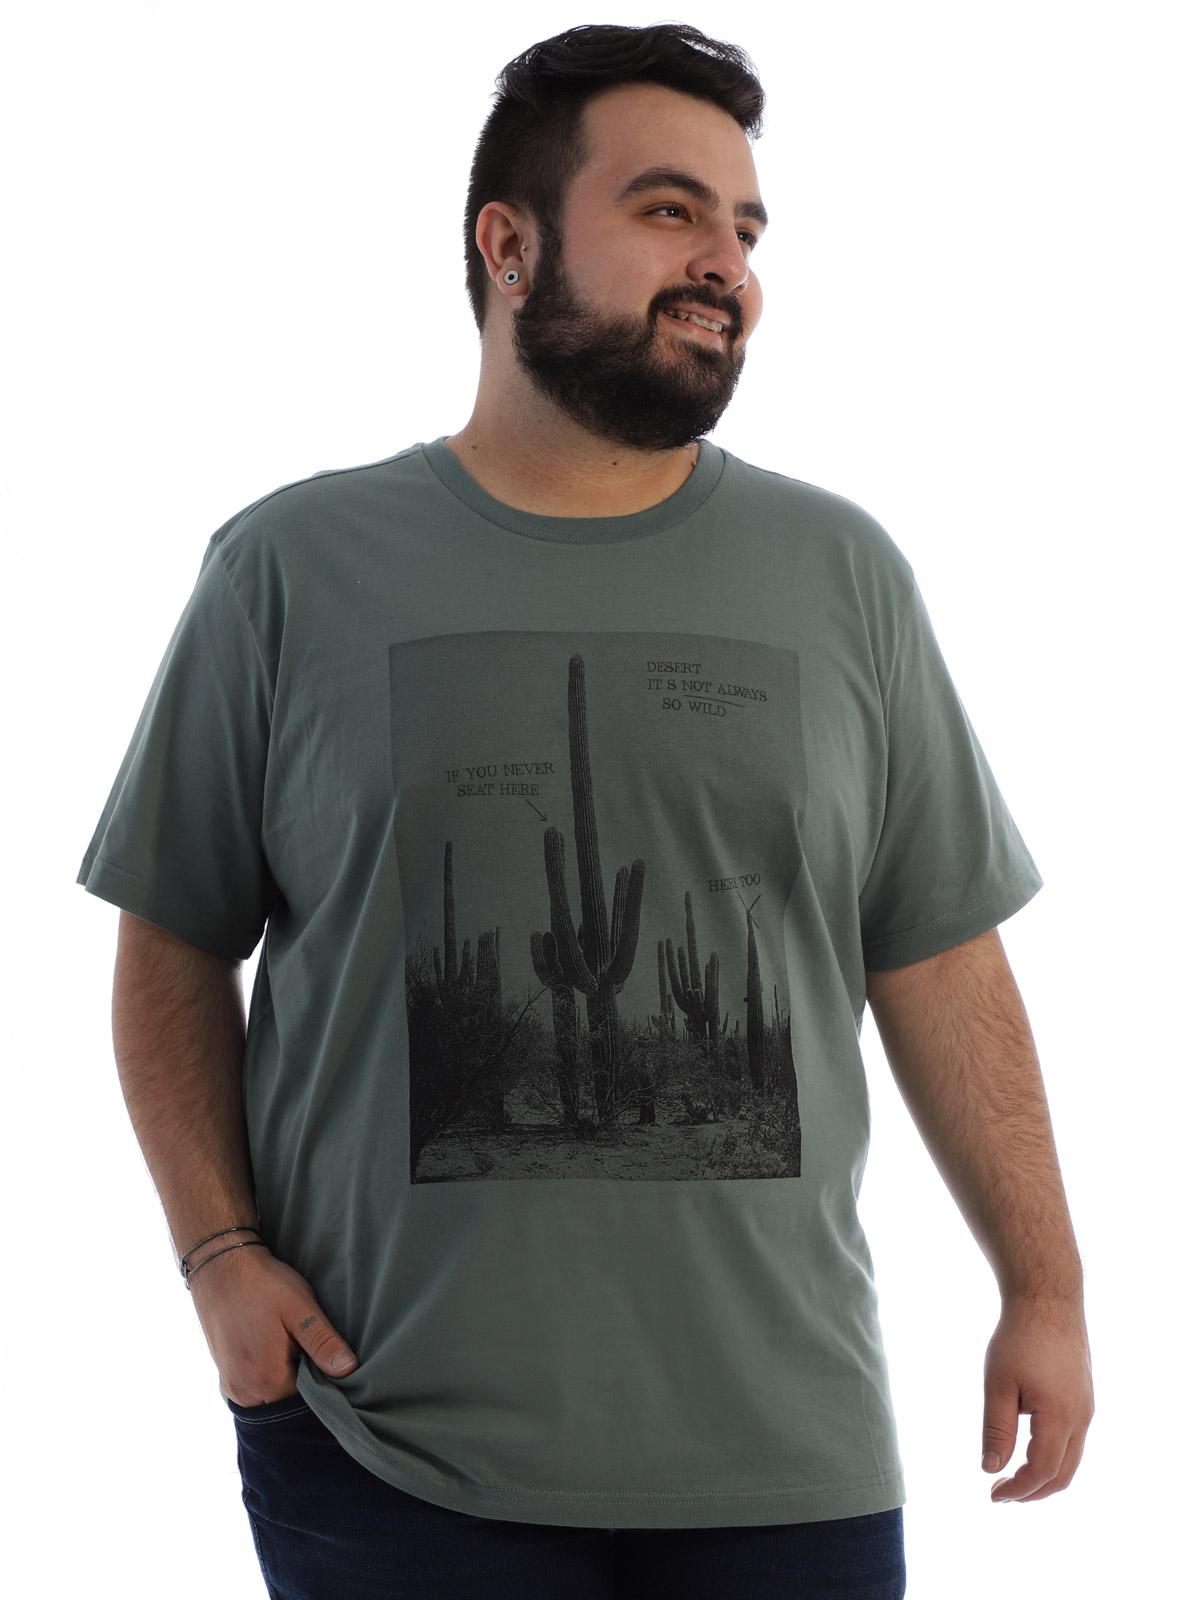 Camiseta Plus Size Masculina Algodão Anistia Caktos Concreto